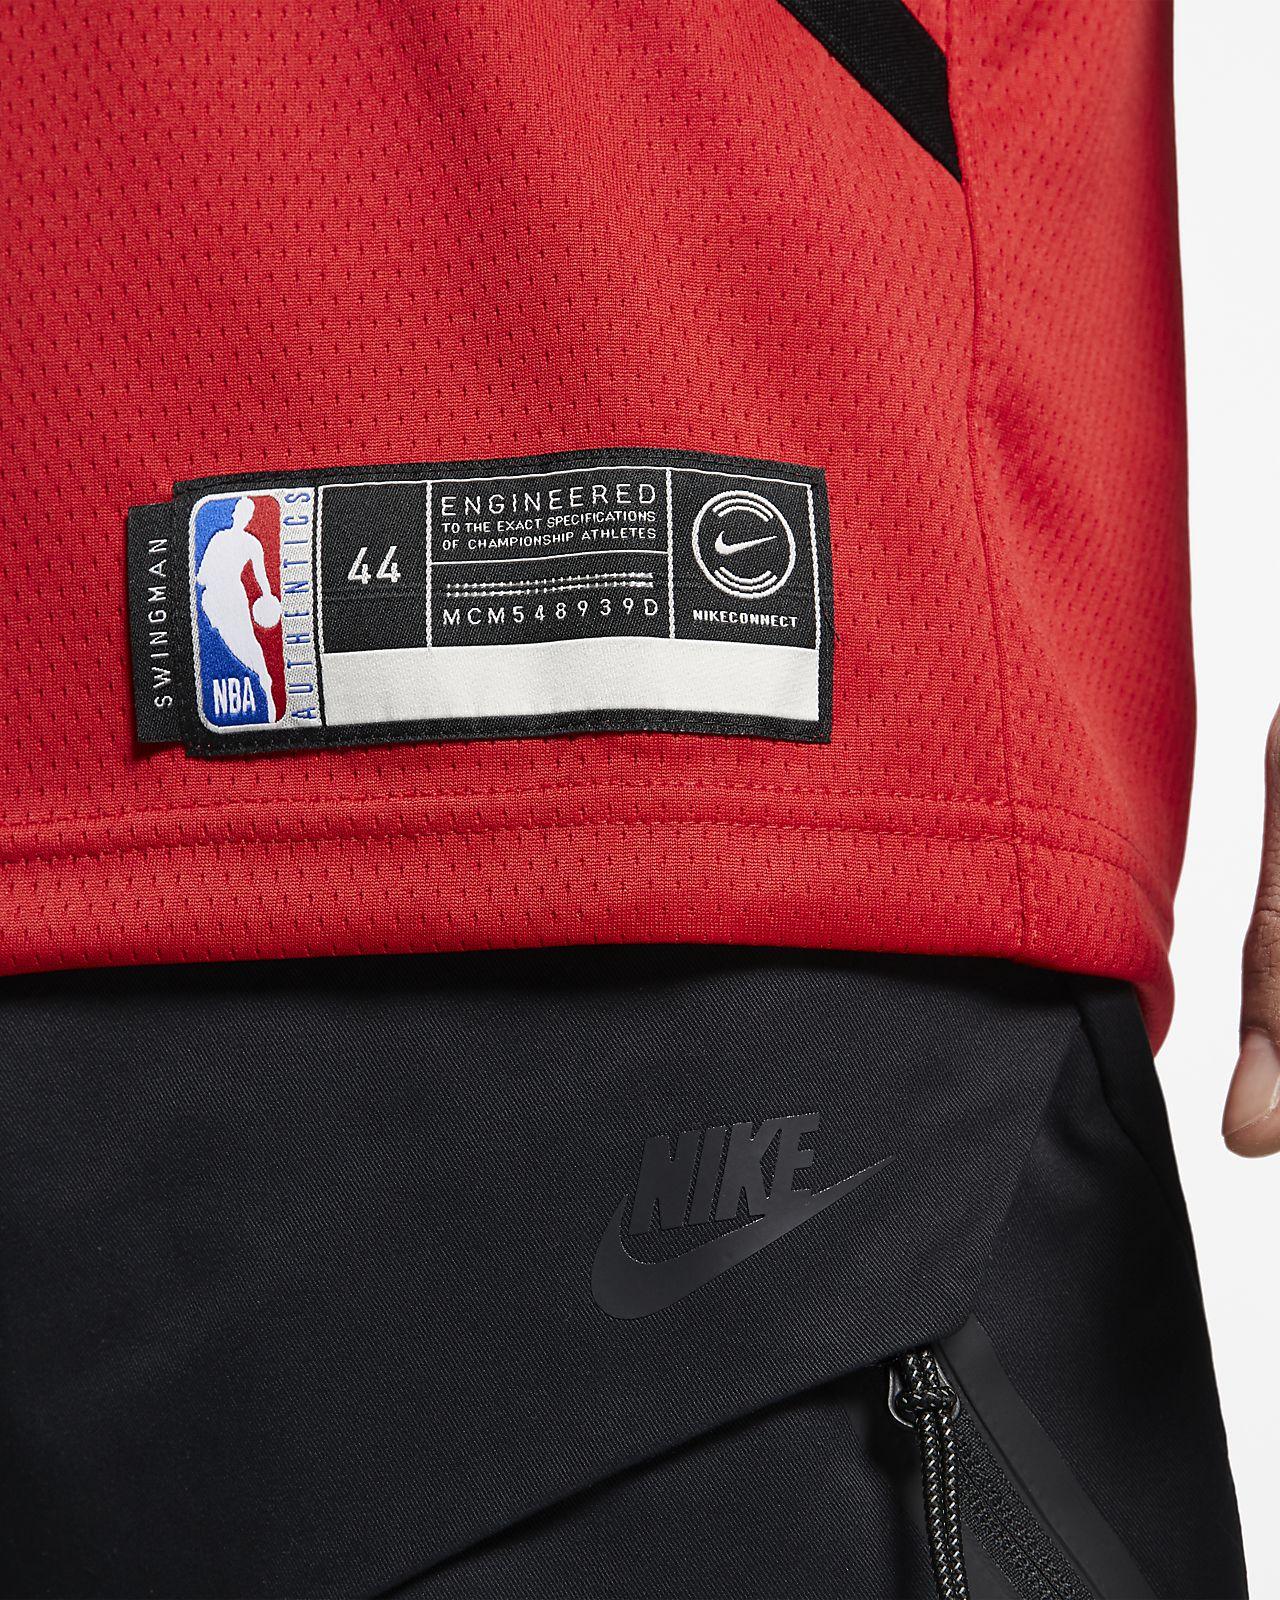 760c08dd7 ... Damian Lillard Earned City Edition Swingman (Portland Trail Blazers) Men s  Nike NBA Connected Jersey